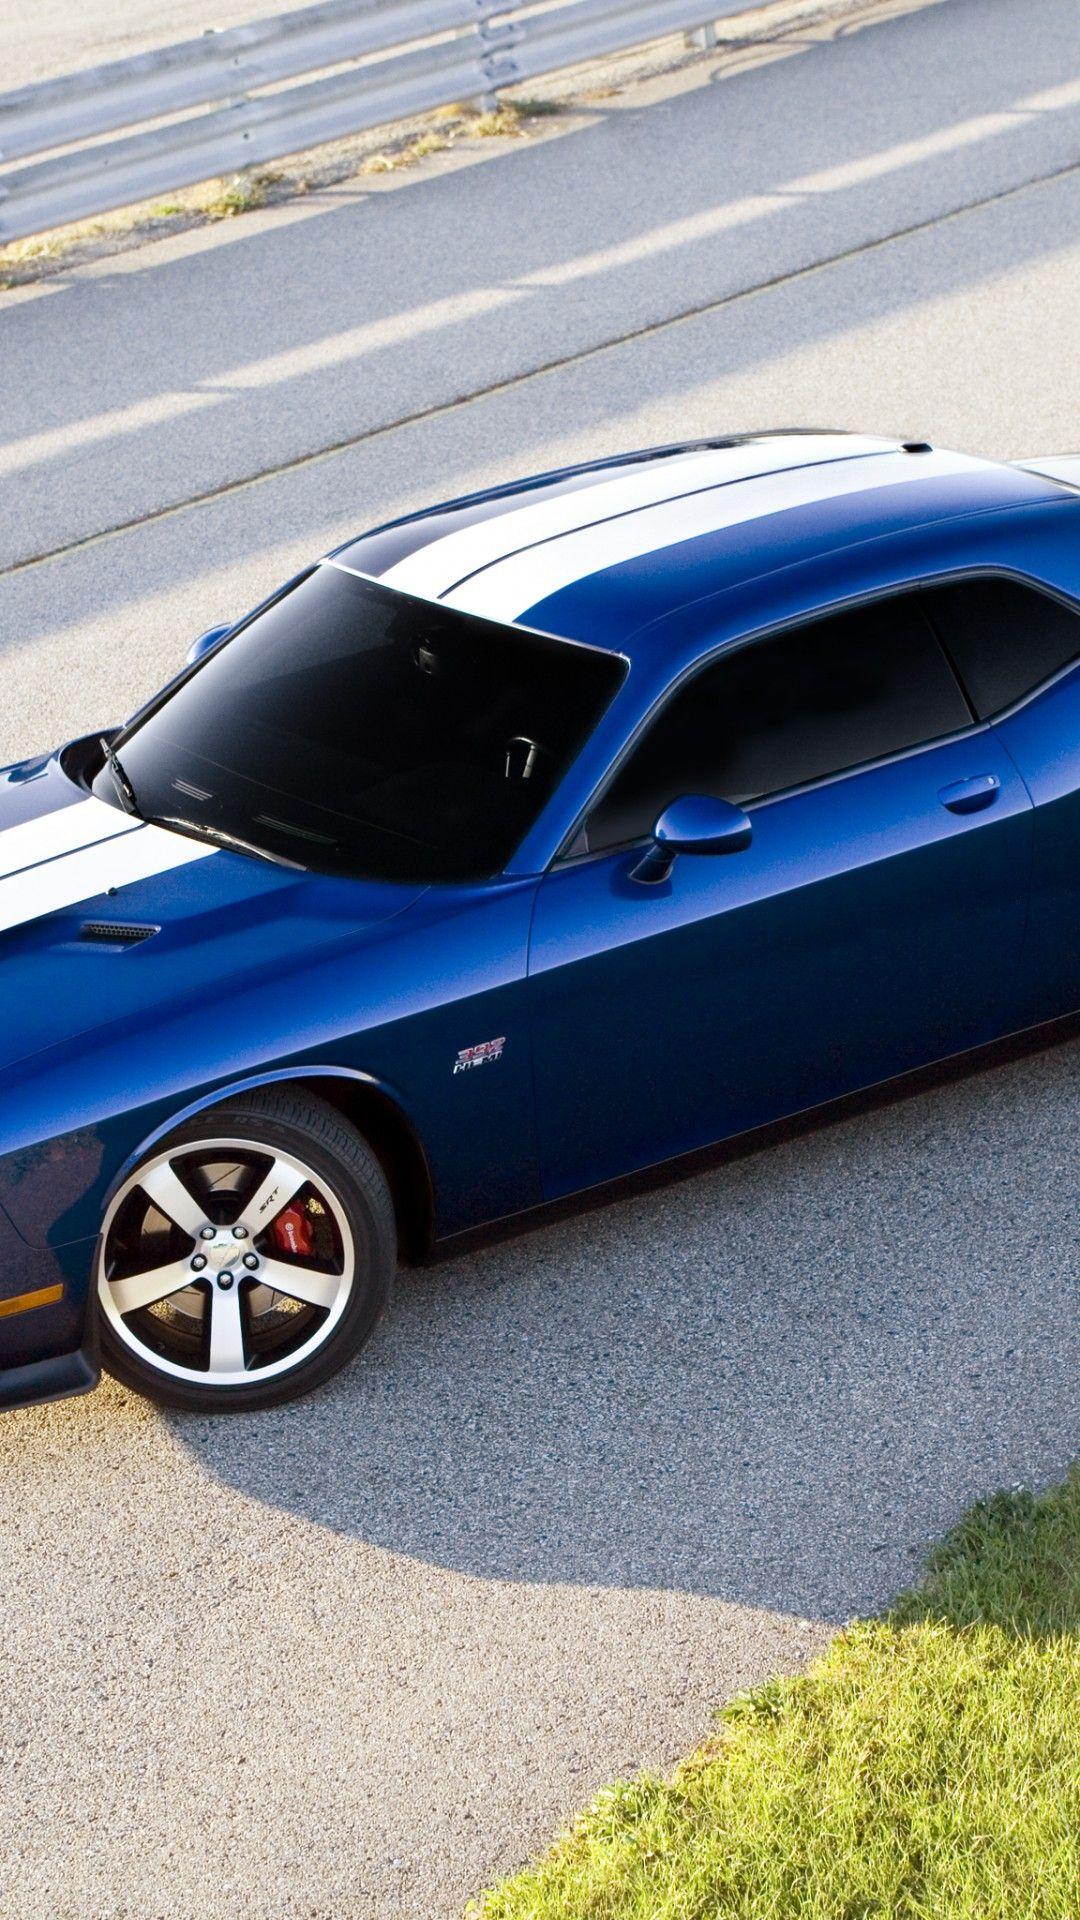 Dodge Challenger Srt Iphone Plus Wallpaper Hd Automotive W( )